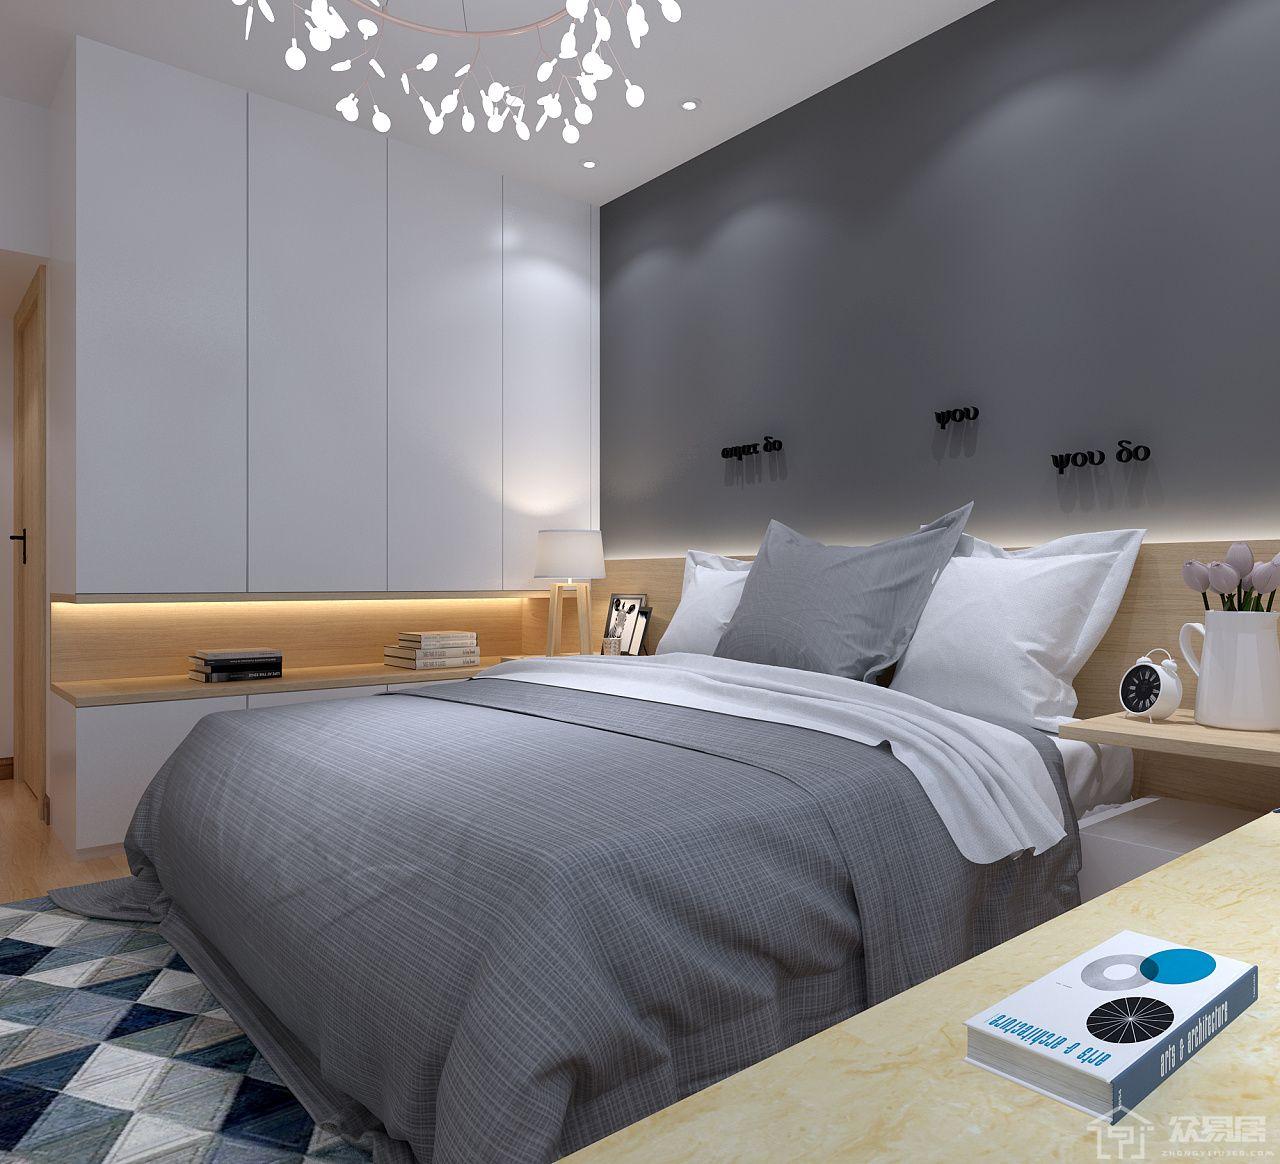 床头应该朝哪个方向财运好 床头摆放有什么风水布局禁忌